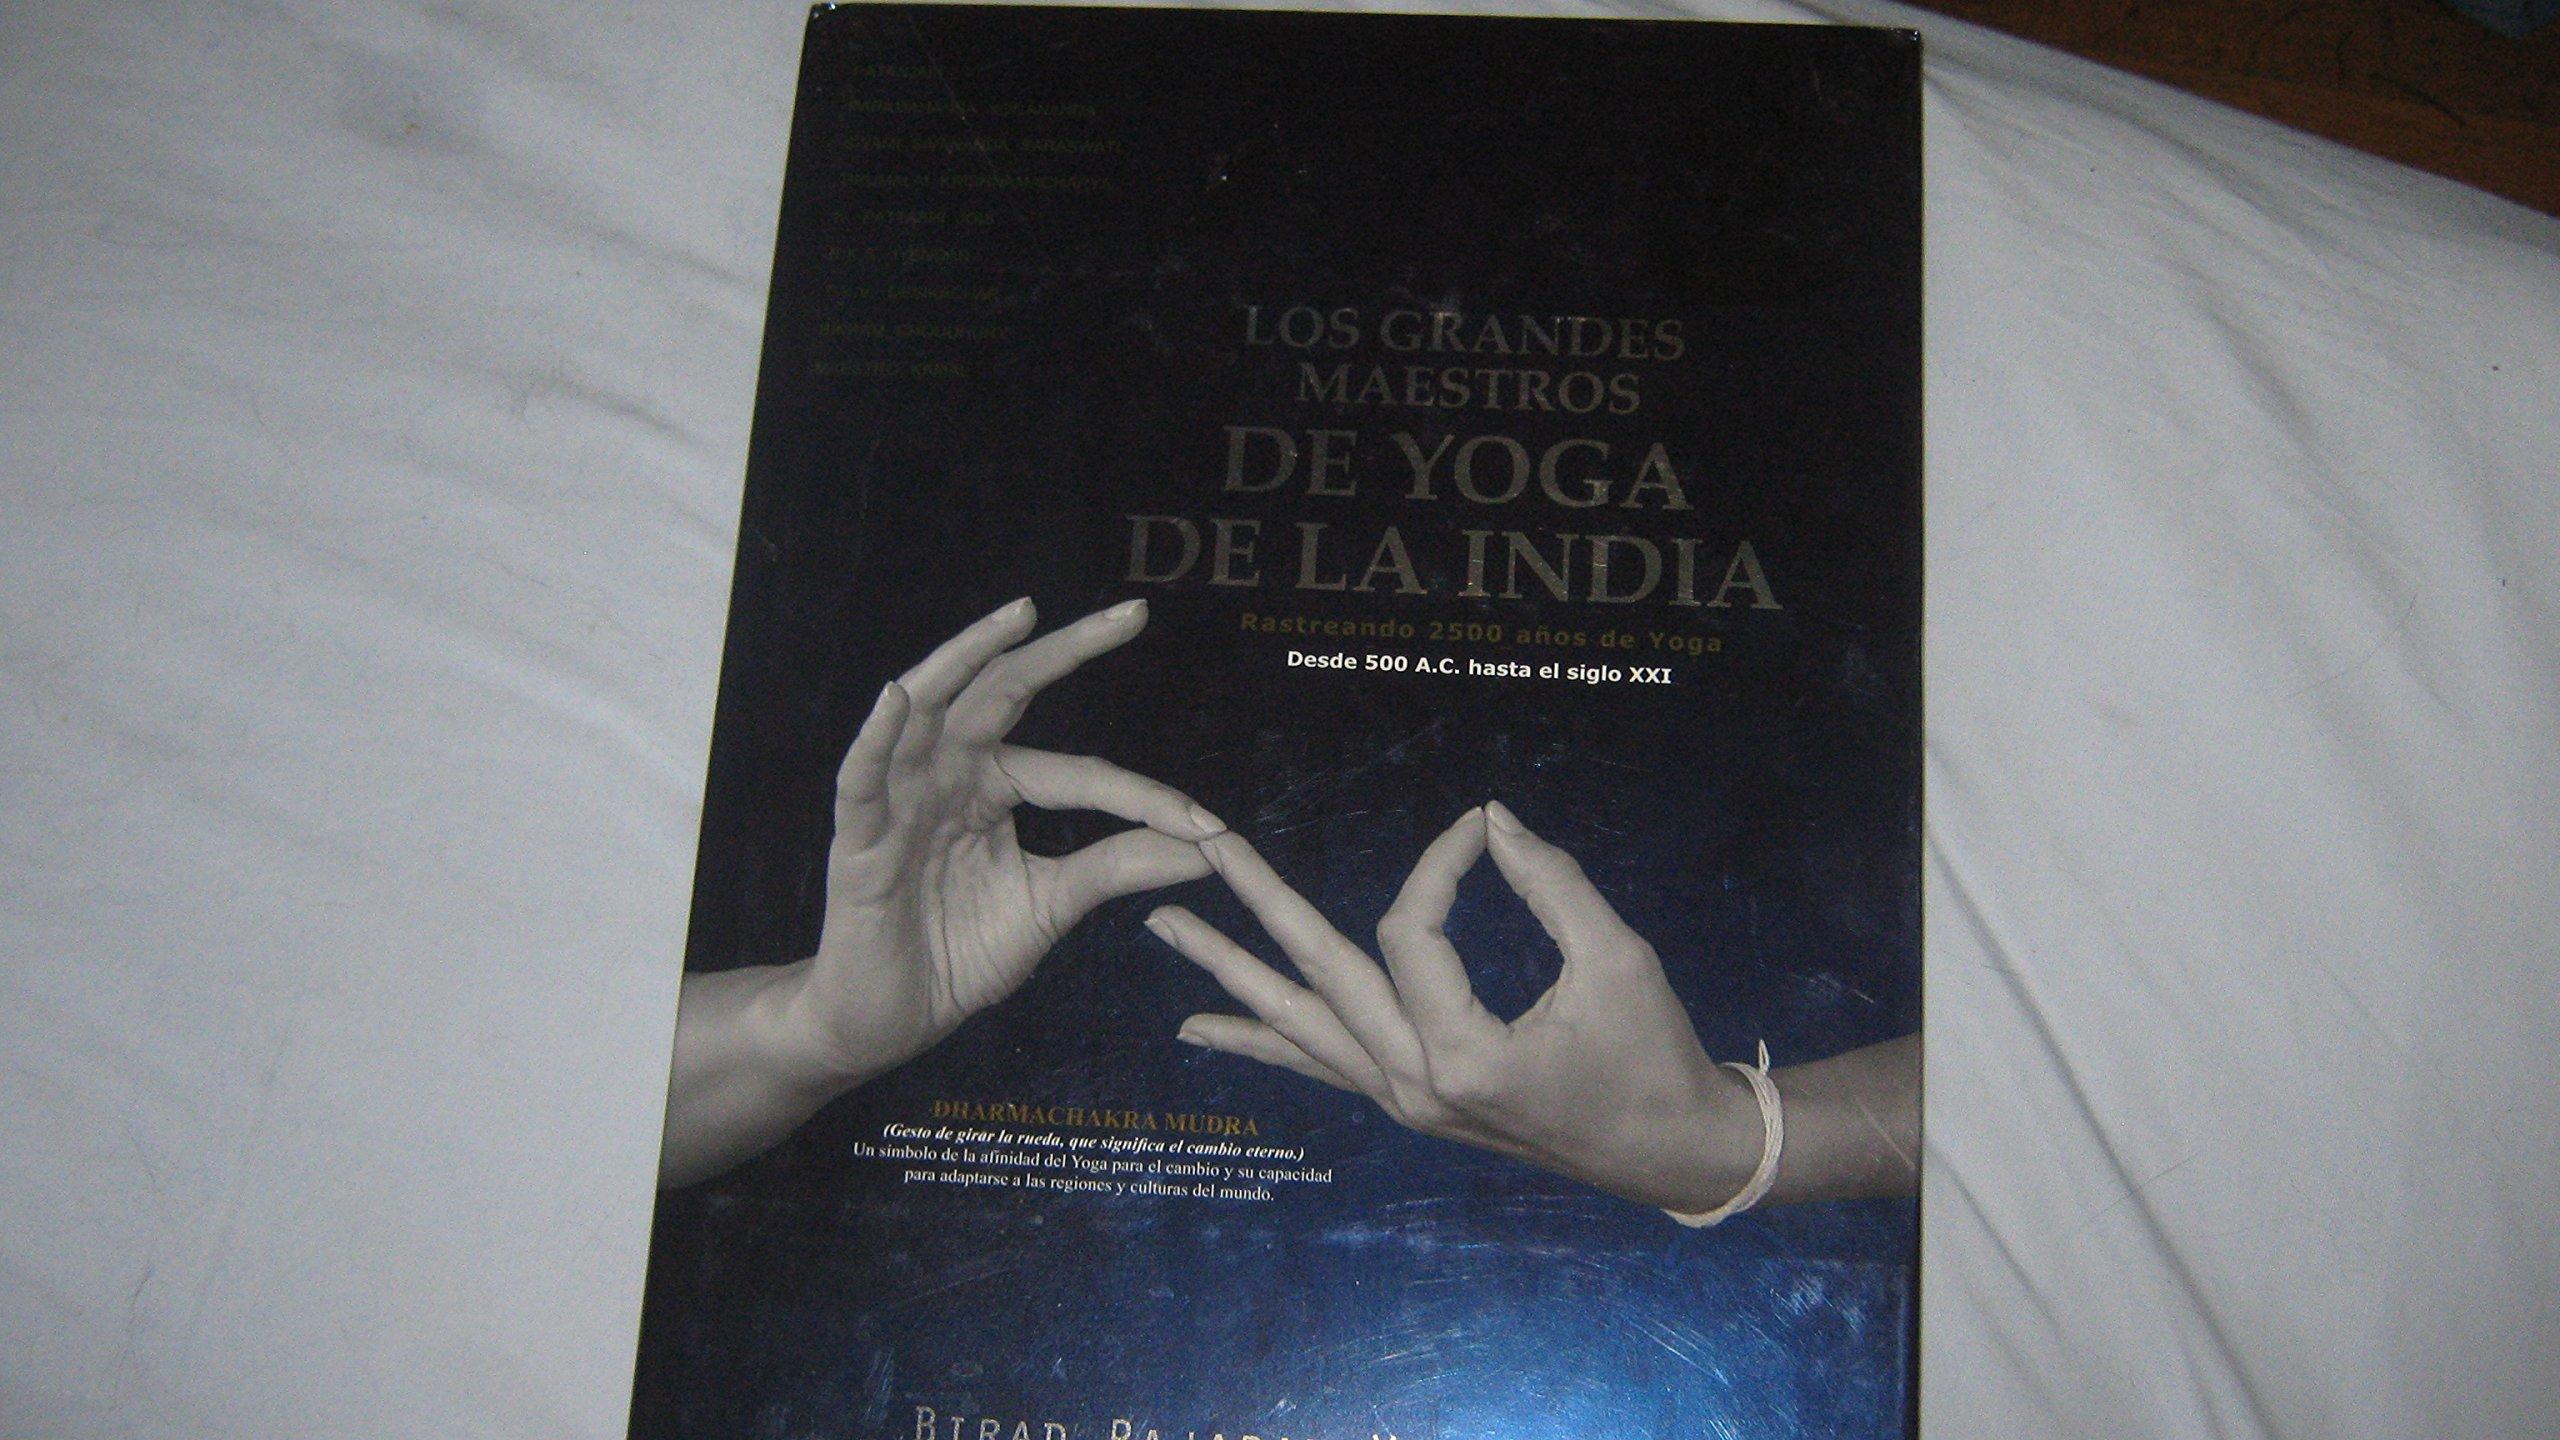 Las Grandes Maestros de Yoga de la India: The Great Indian ...